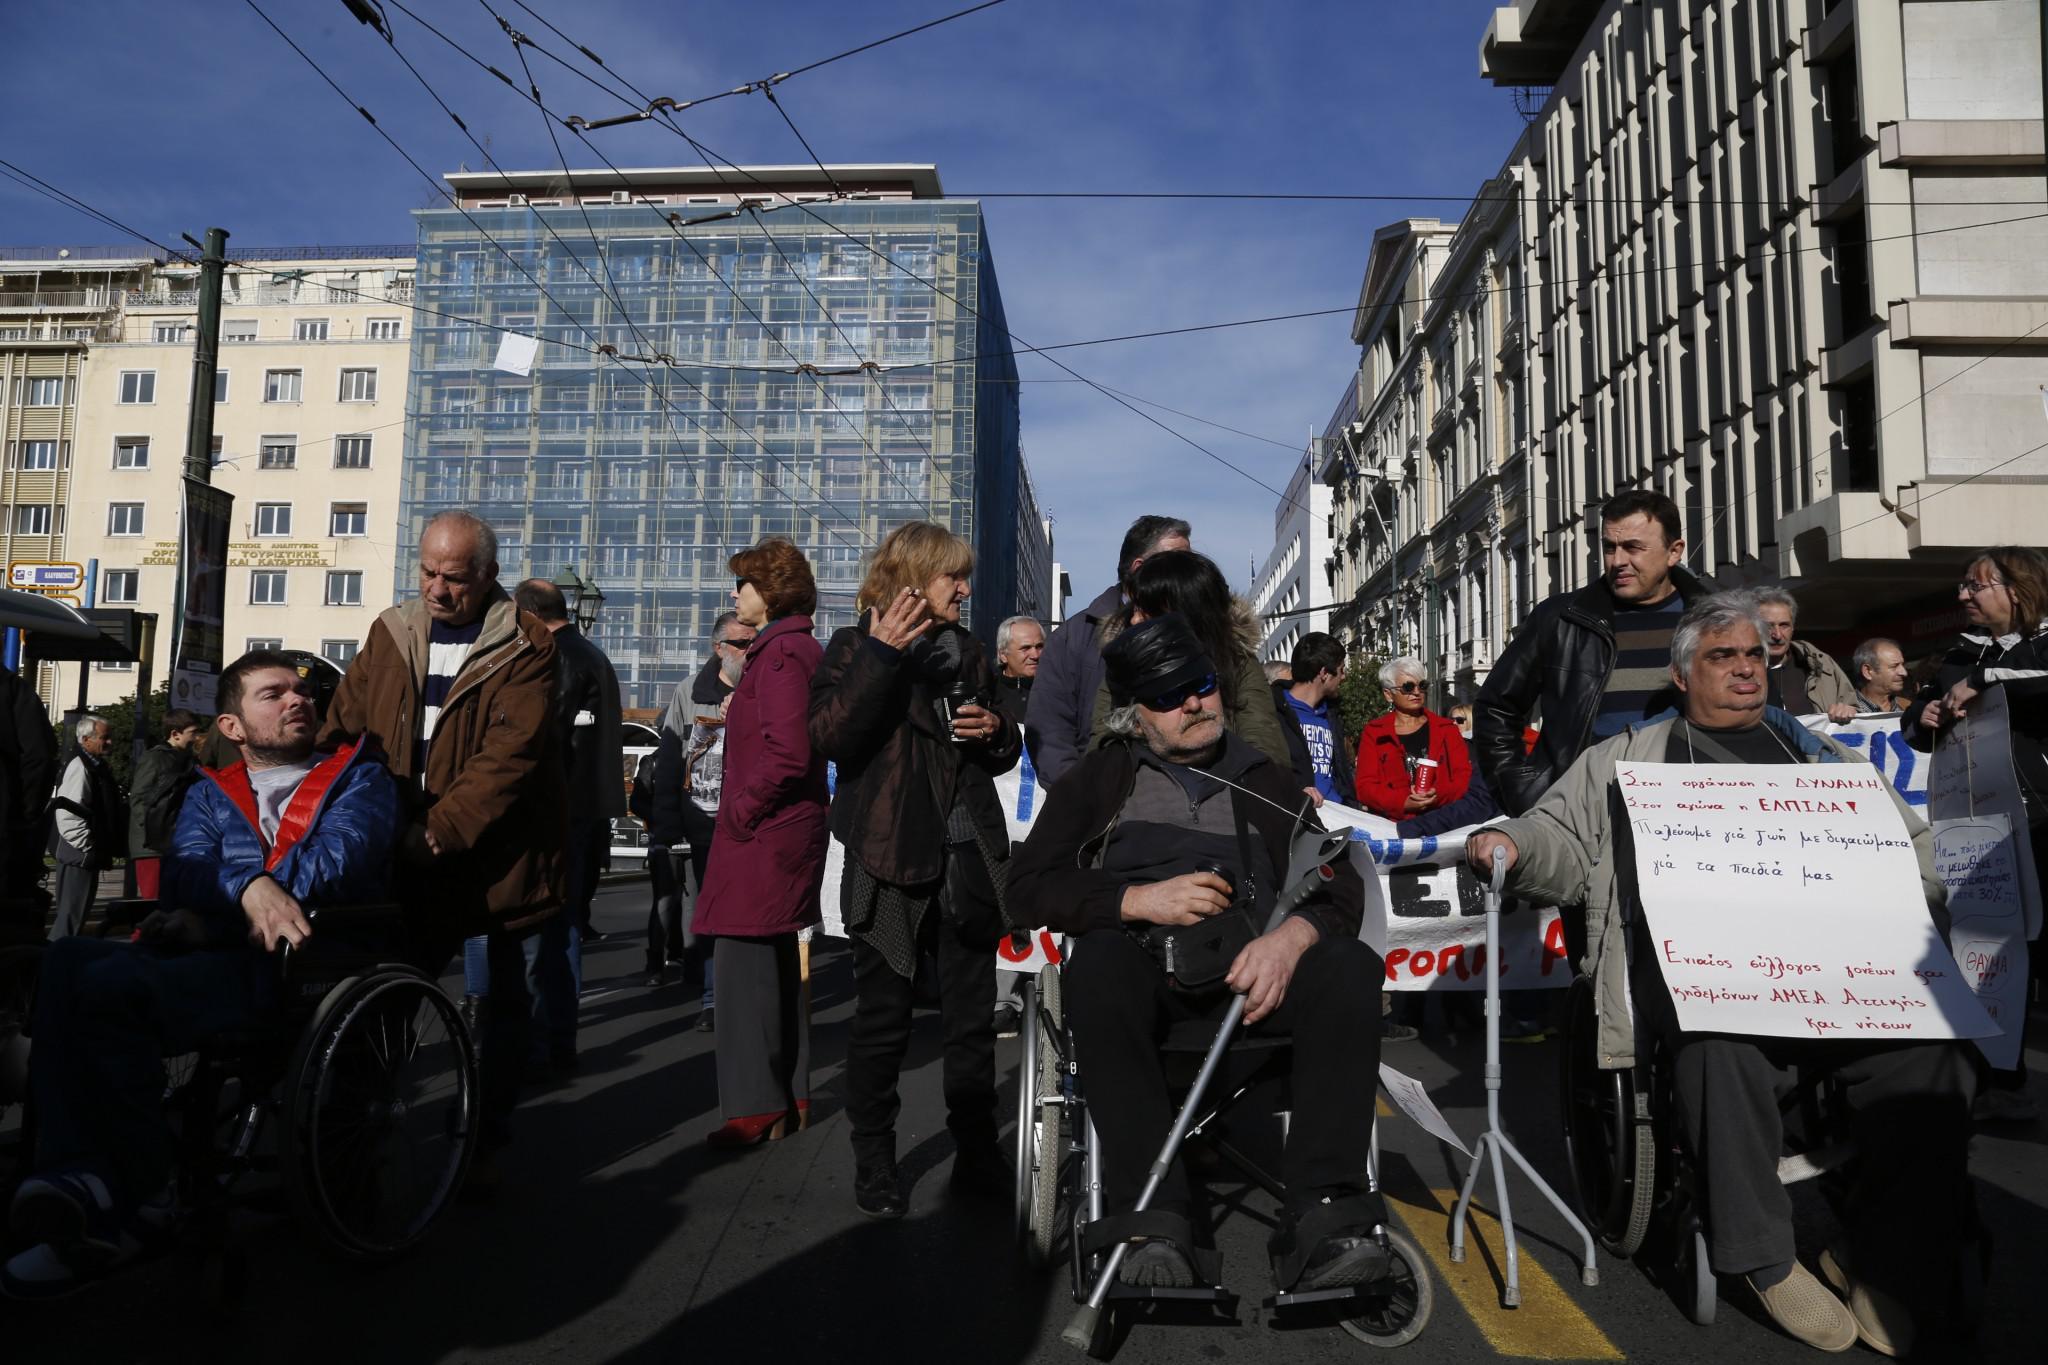 3980262-1 Στους δρόμους τα ΑΜΕΑ - «Θέλουμε να ζήσουμε αξιοπρεπώς»